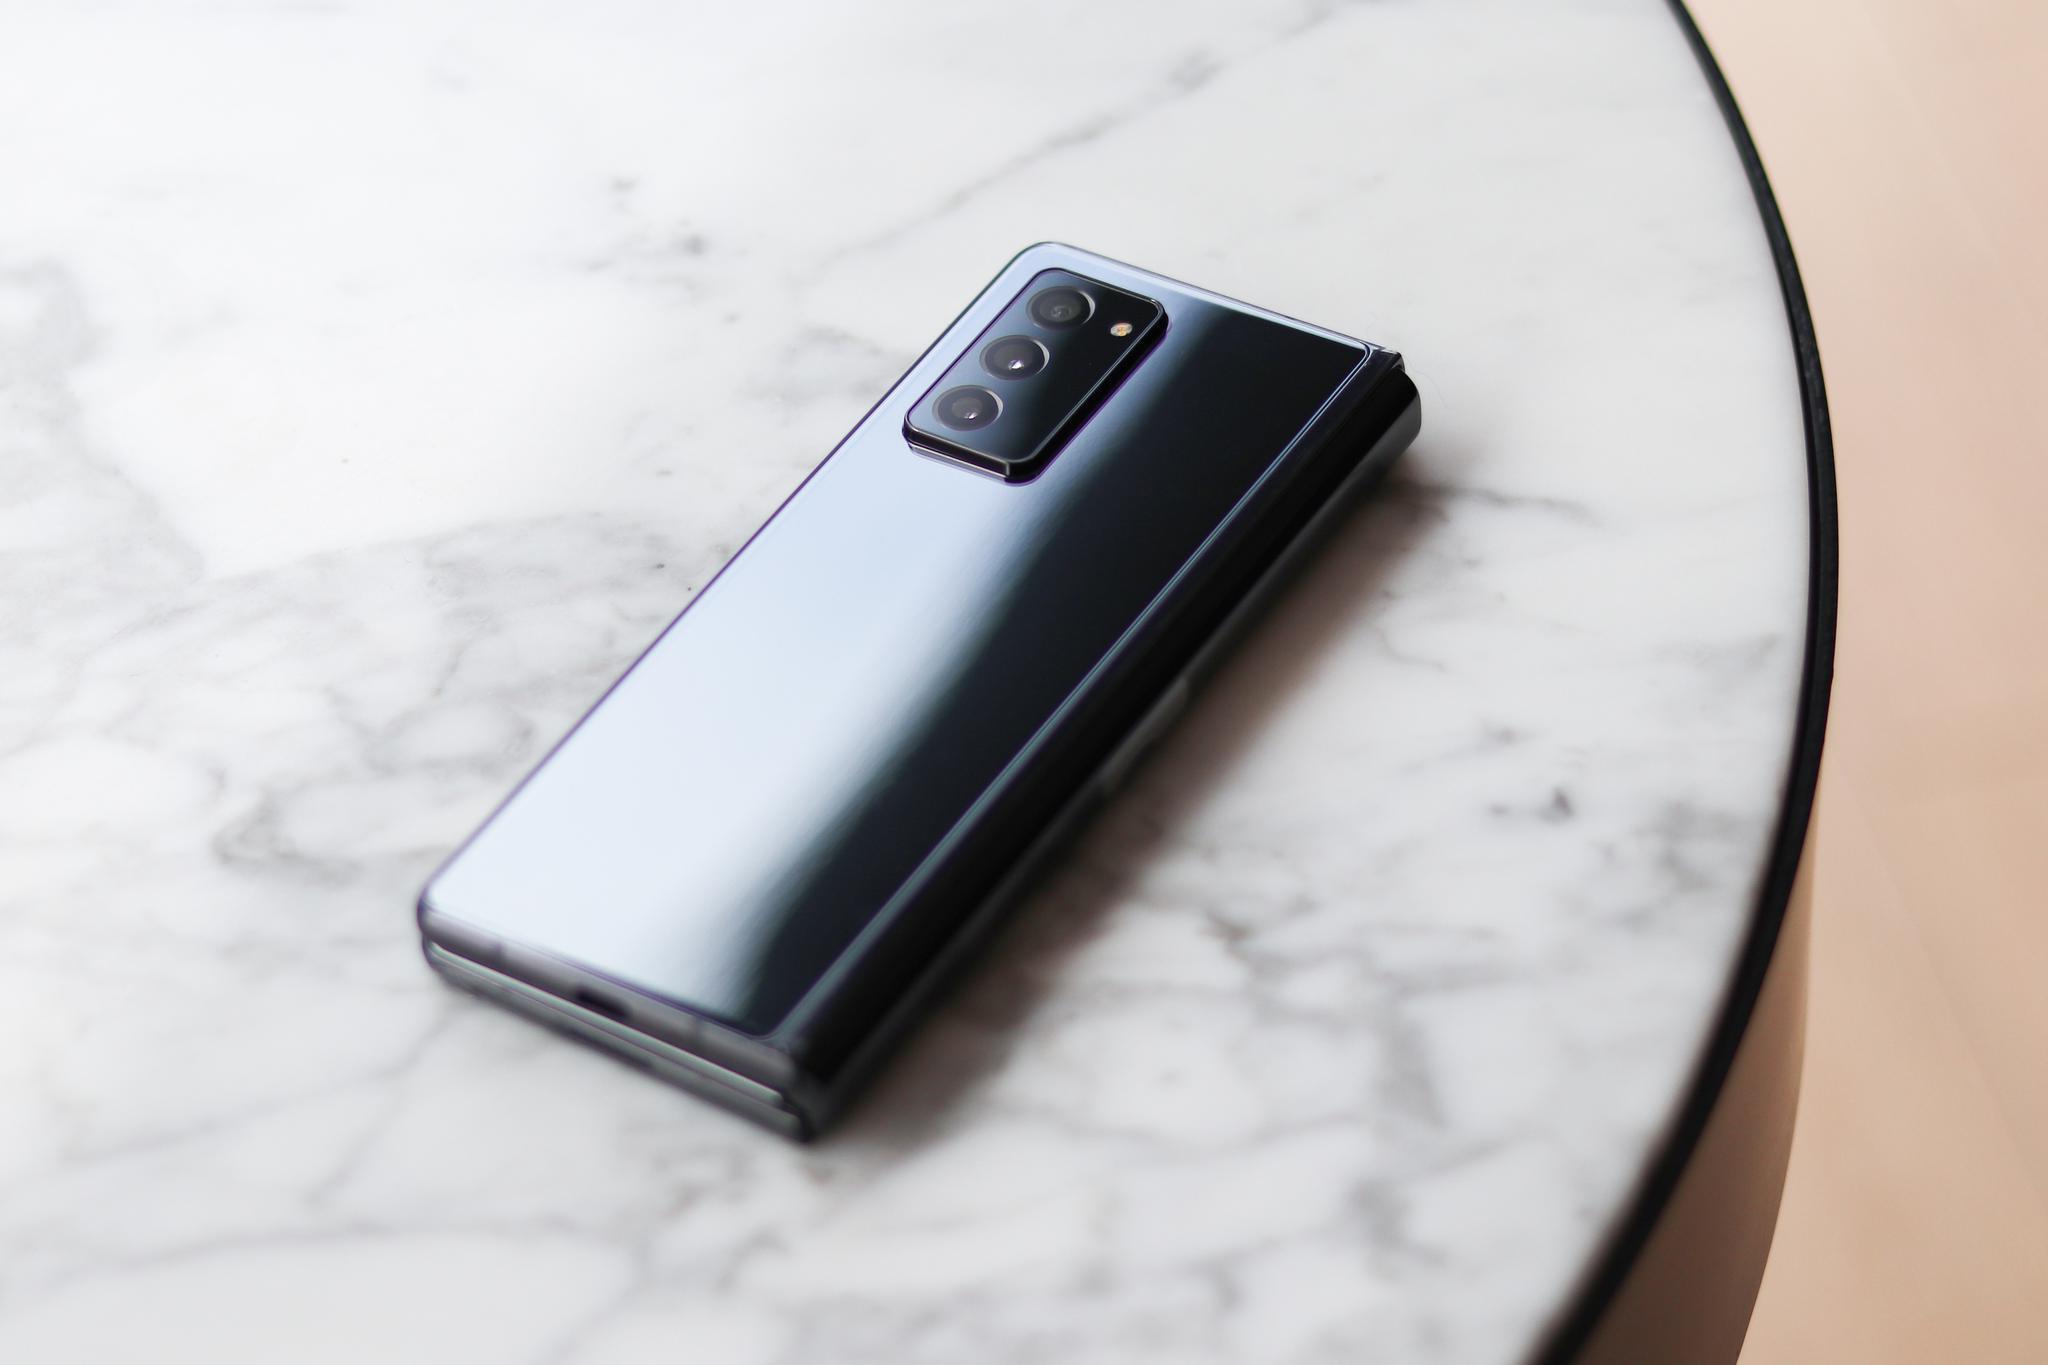 未来手机?三星Galaxy Z Fold2 5G品鉴会体验